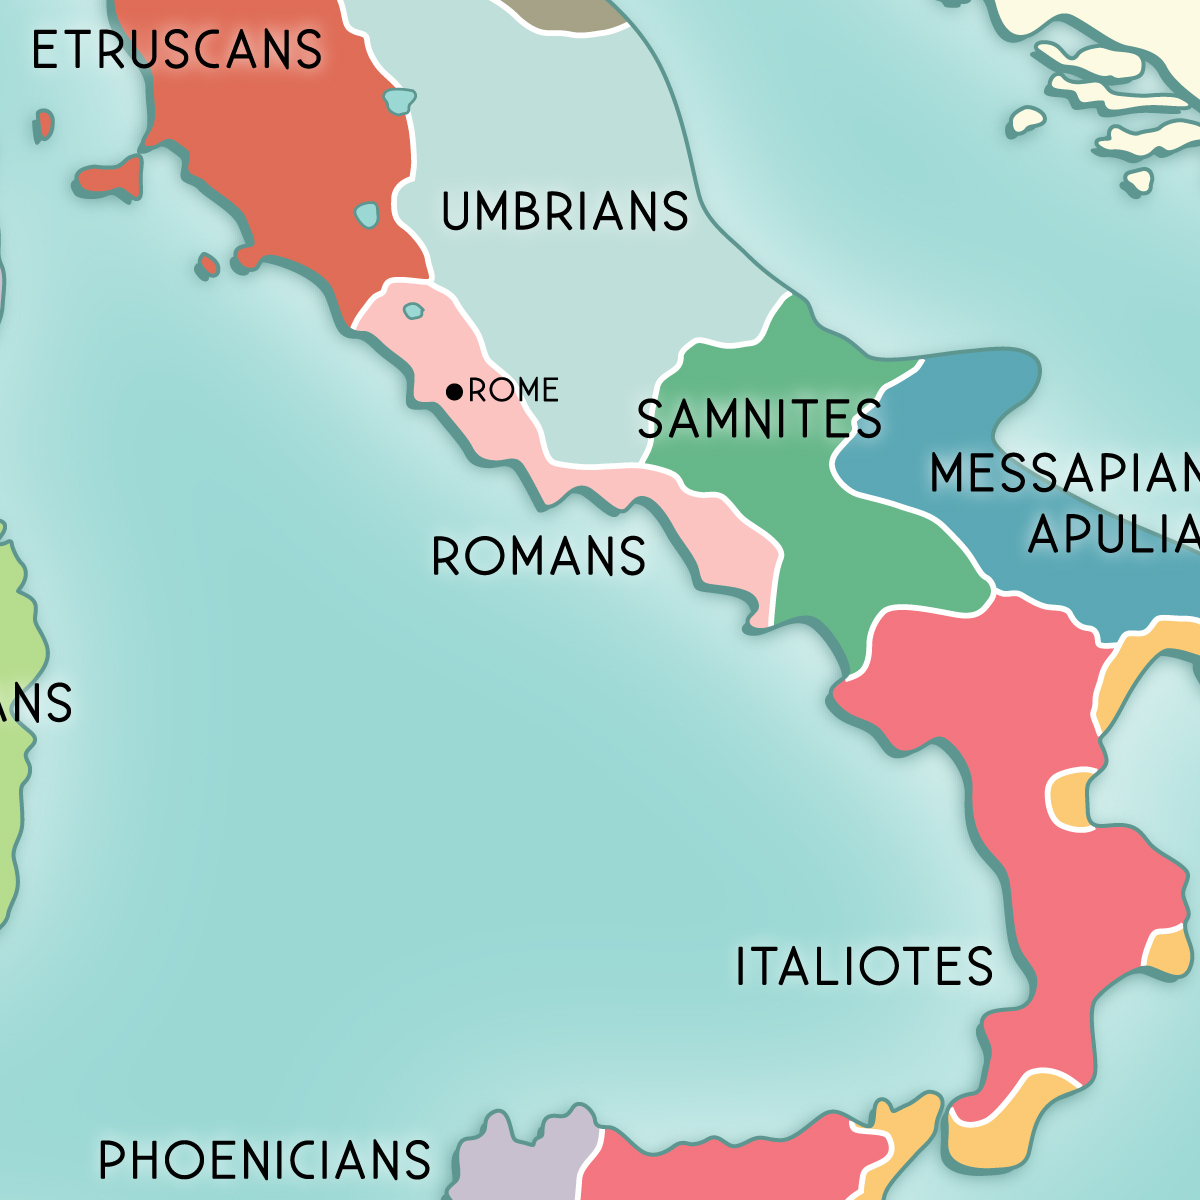 Etruscan civilisation maps preview